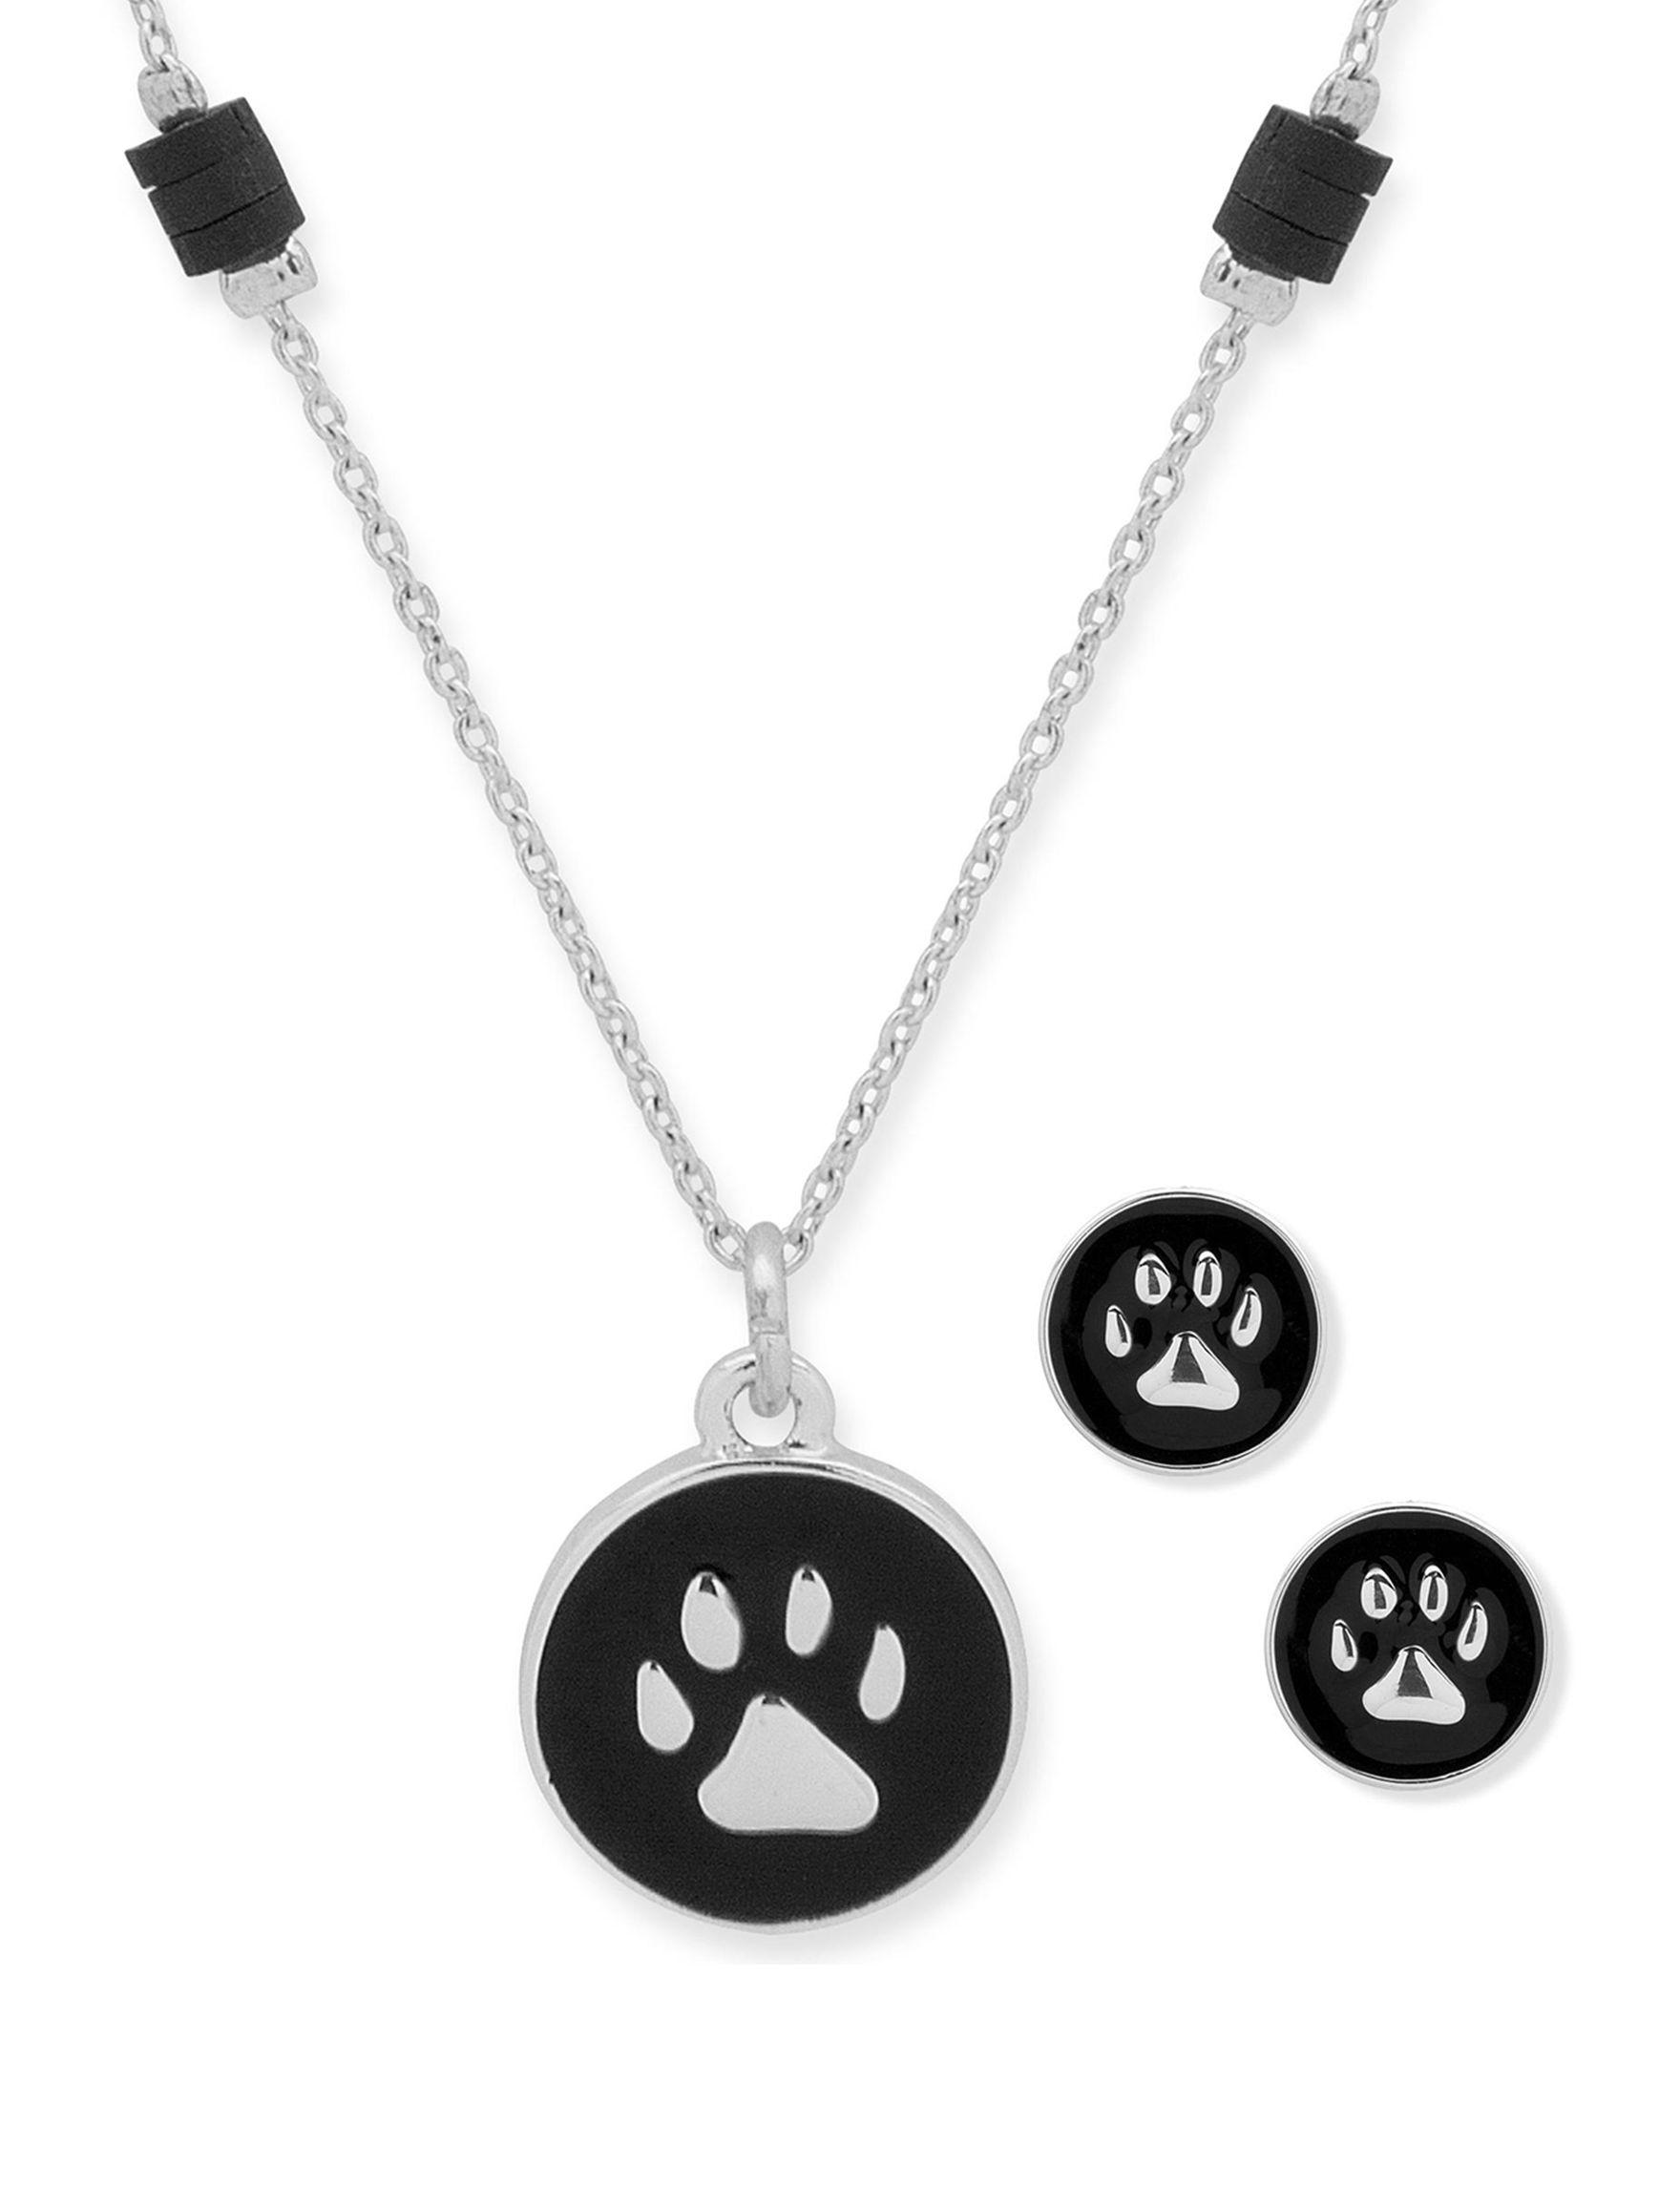 Pet Friends Silver / Black Earrings Necklaces & Pendants Fashion Jewelry